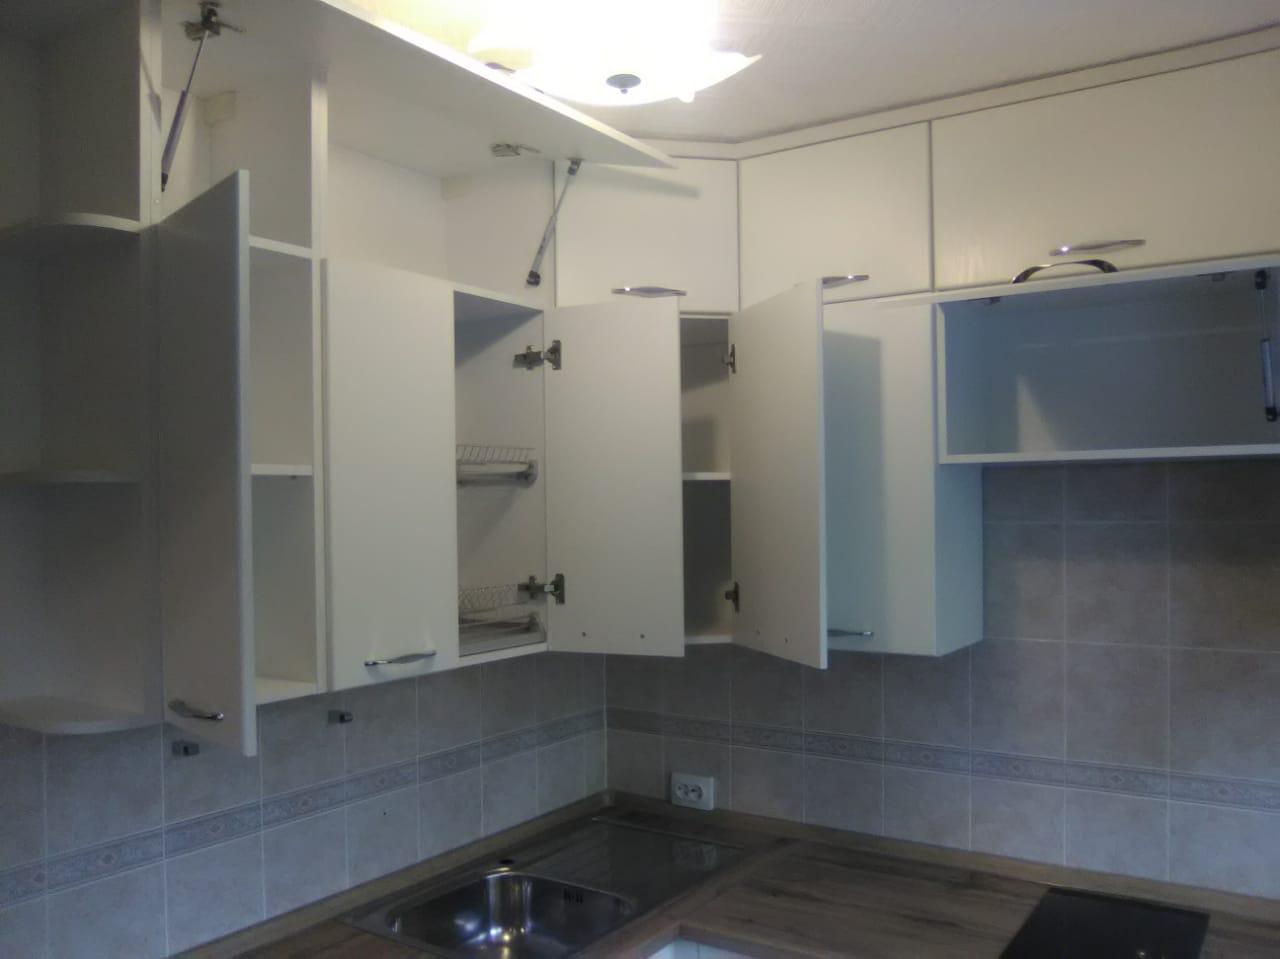 Уютная кухня со встроенной техникой на заказ в Новосибирске2